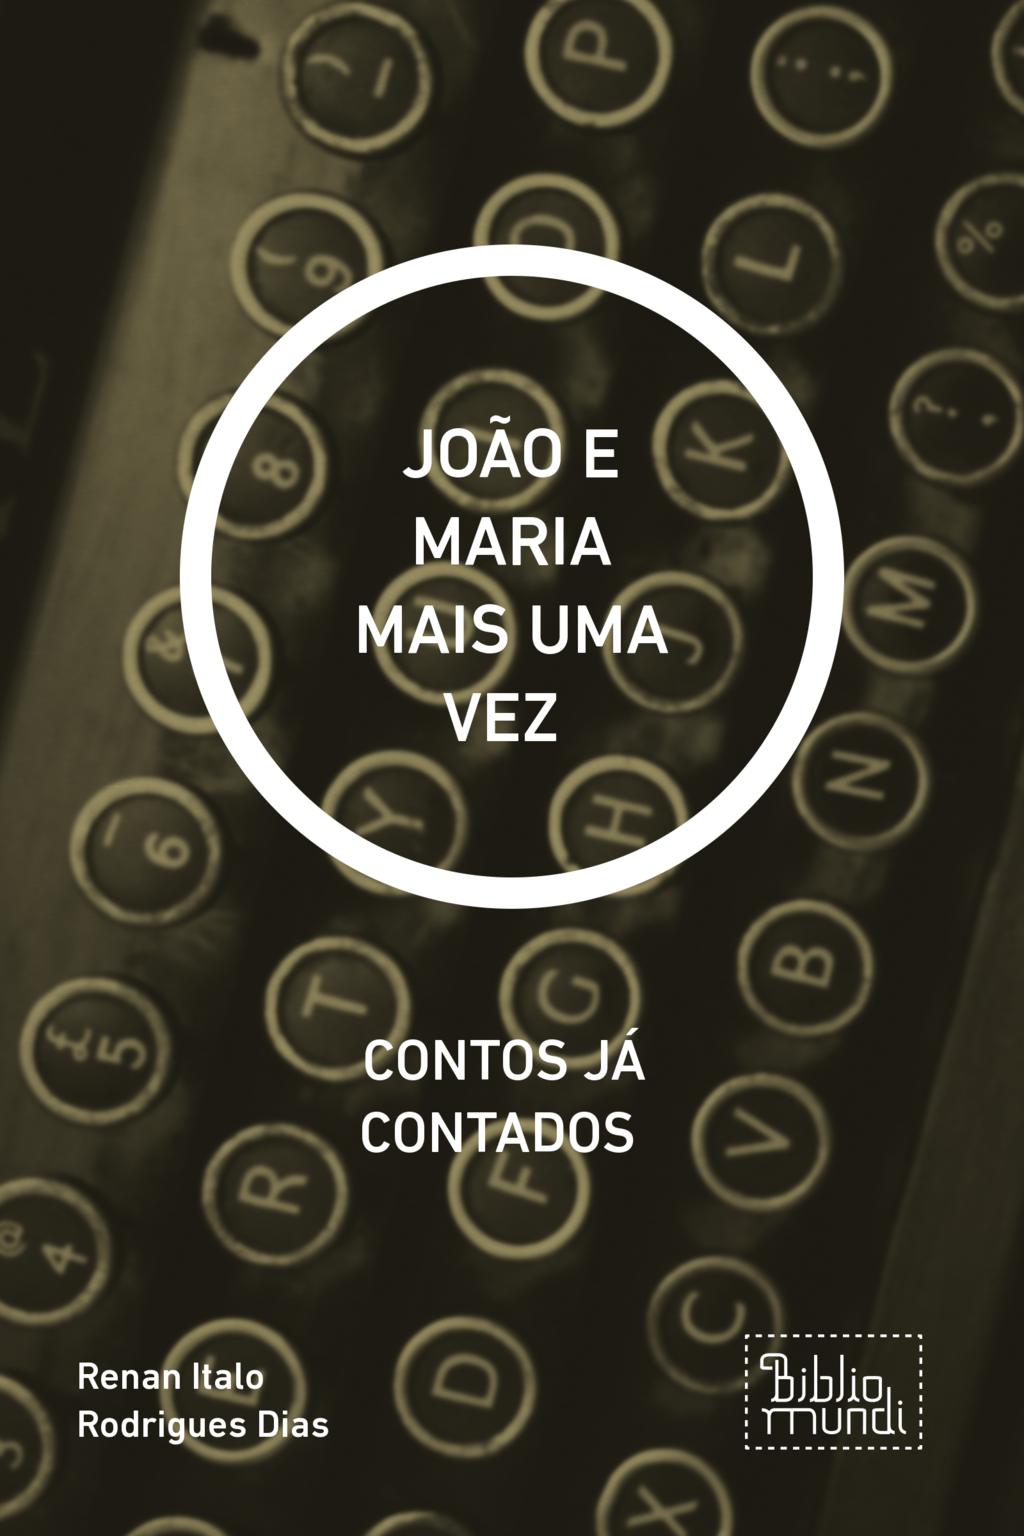 JOÃO E MARIA MAIS UMA VEZ